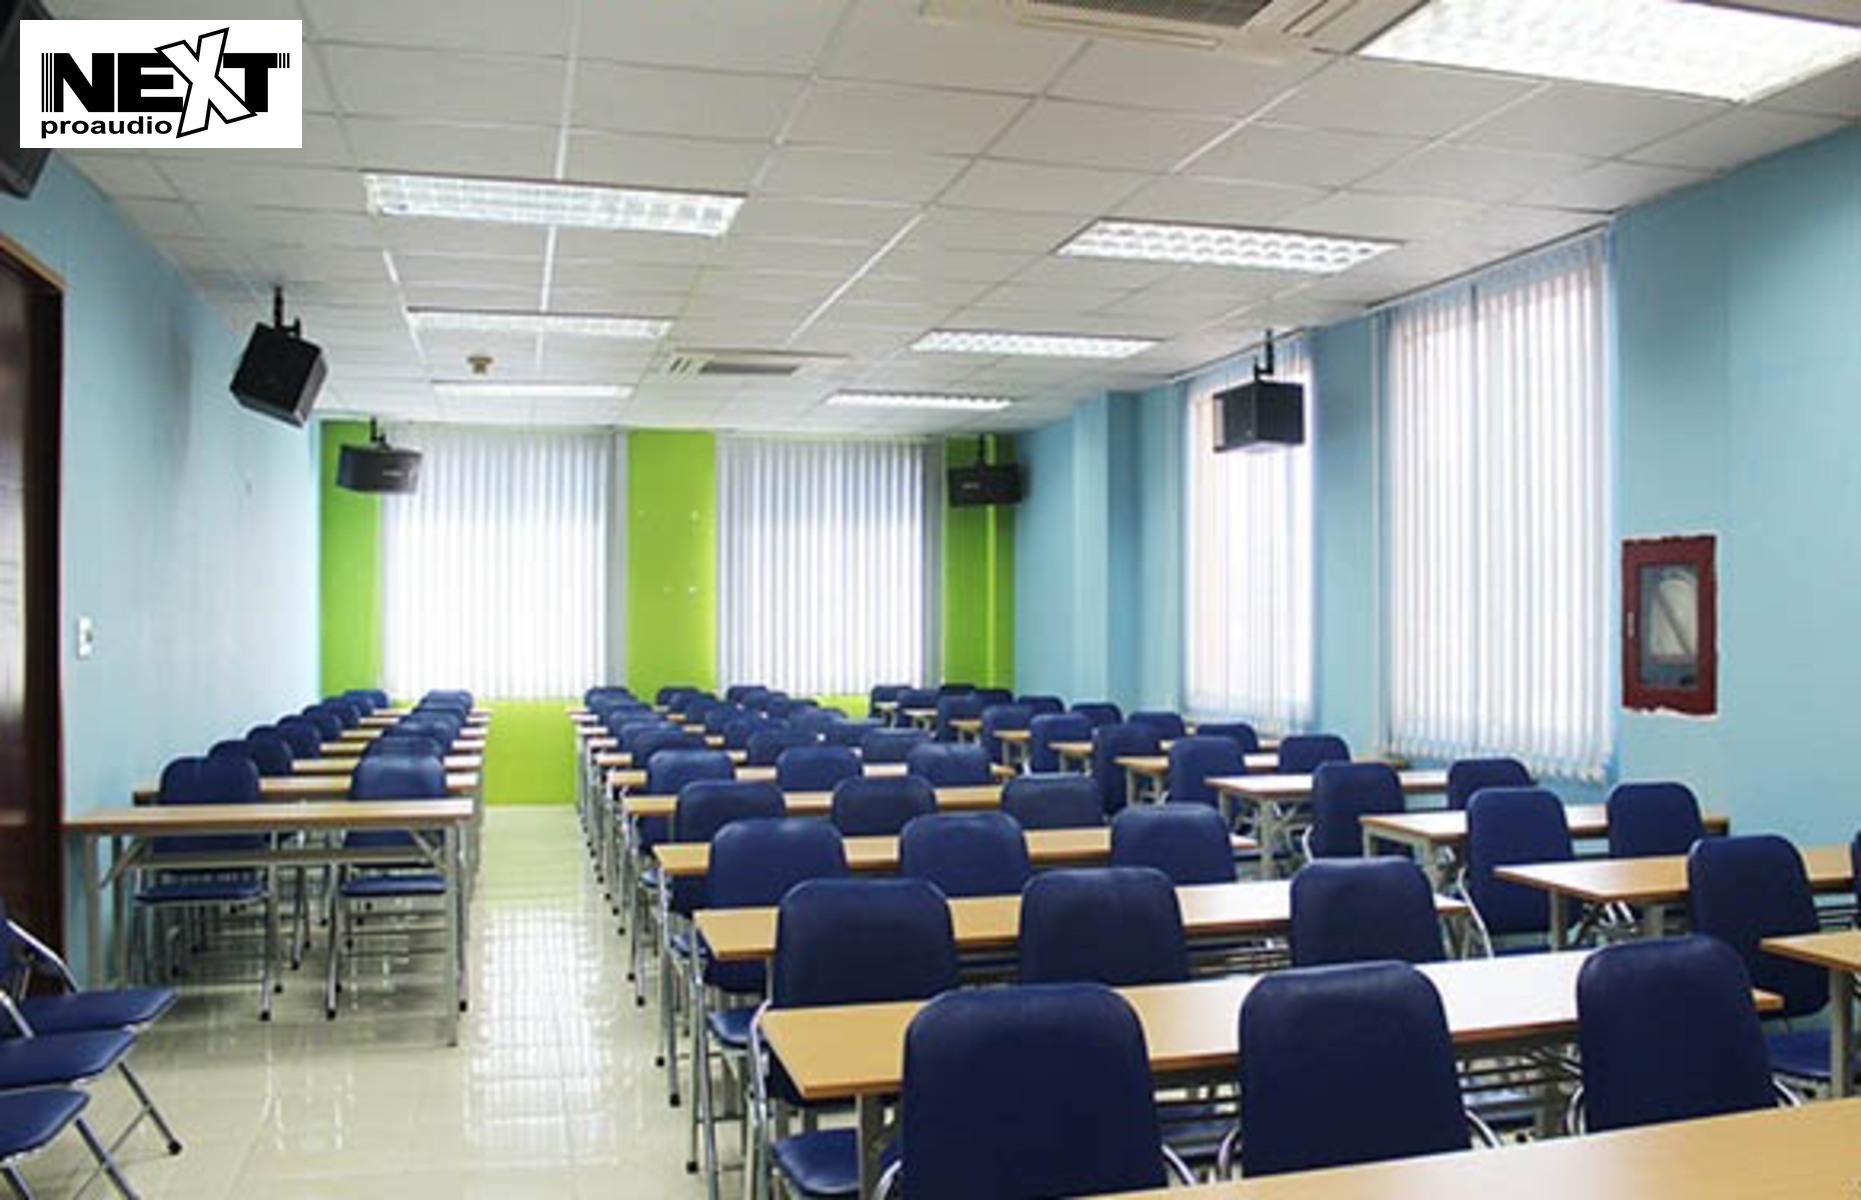 ưu điểm của hệ thống âm thanh lớp học next proaudio